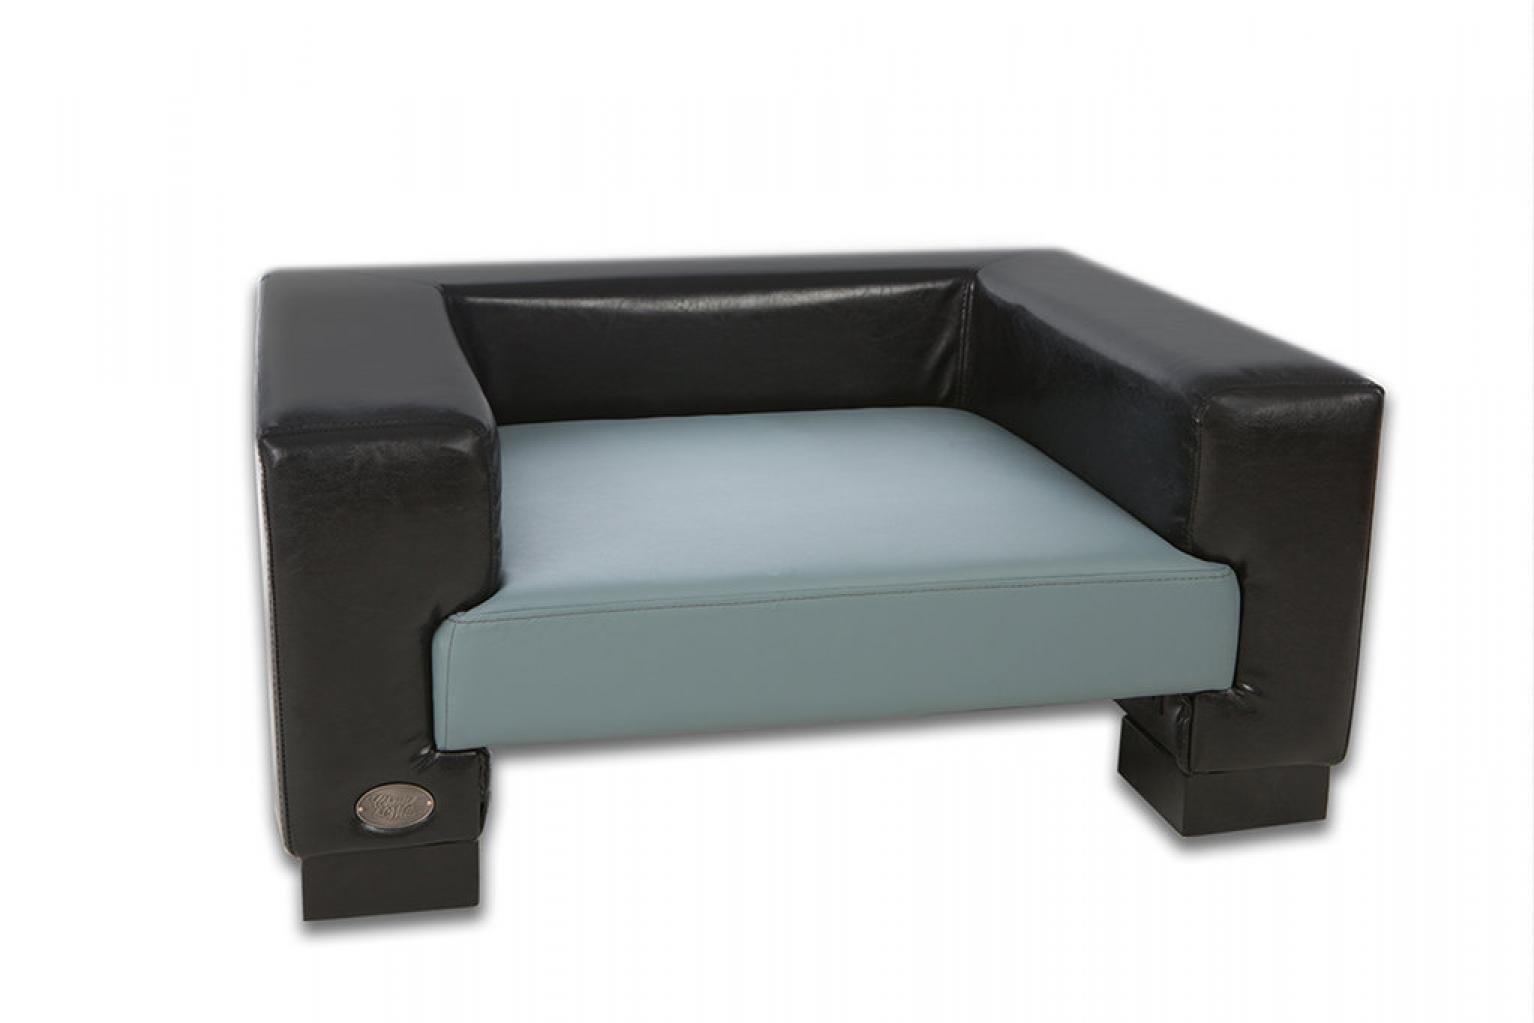 canape pour chien pas cher. Black Bedroom Furniture Sets. Home Design Ideas